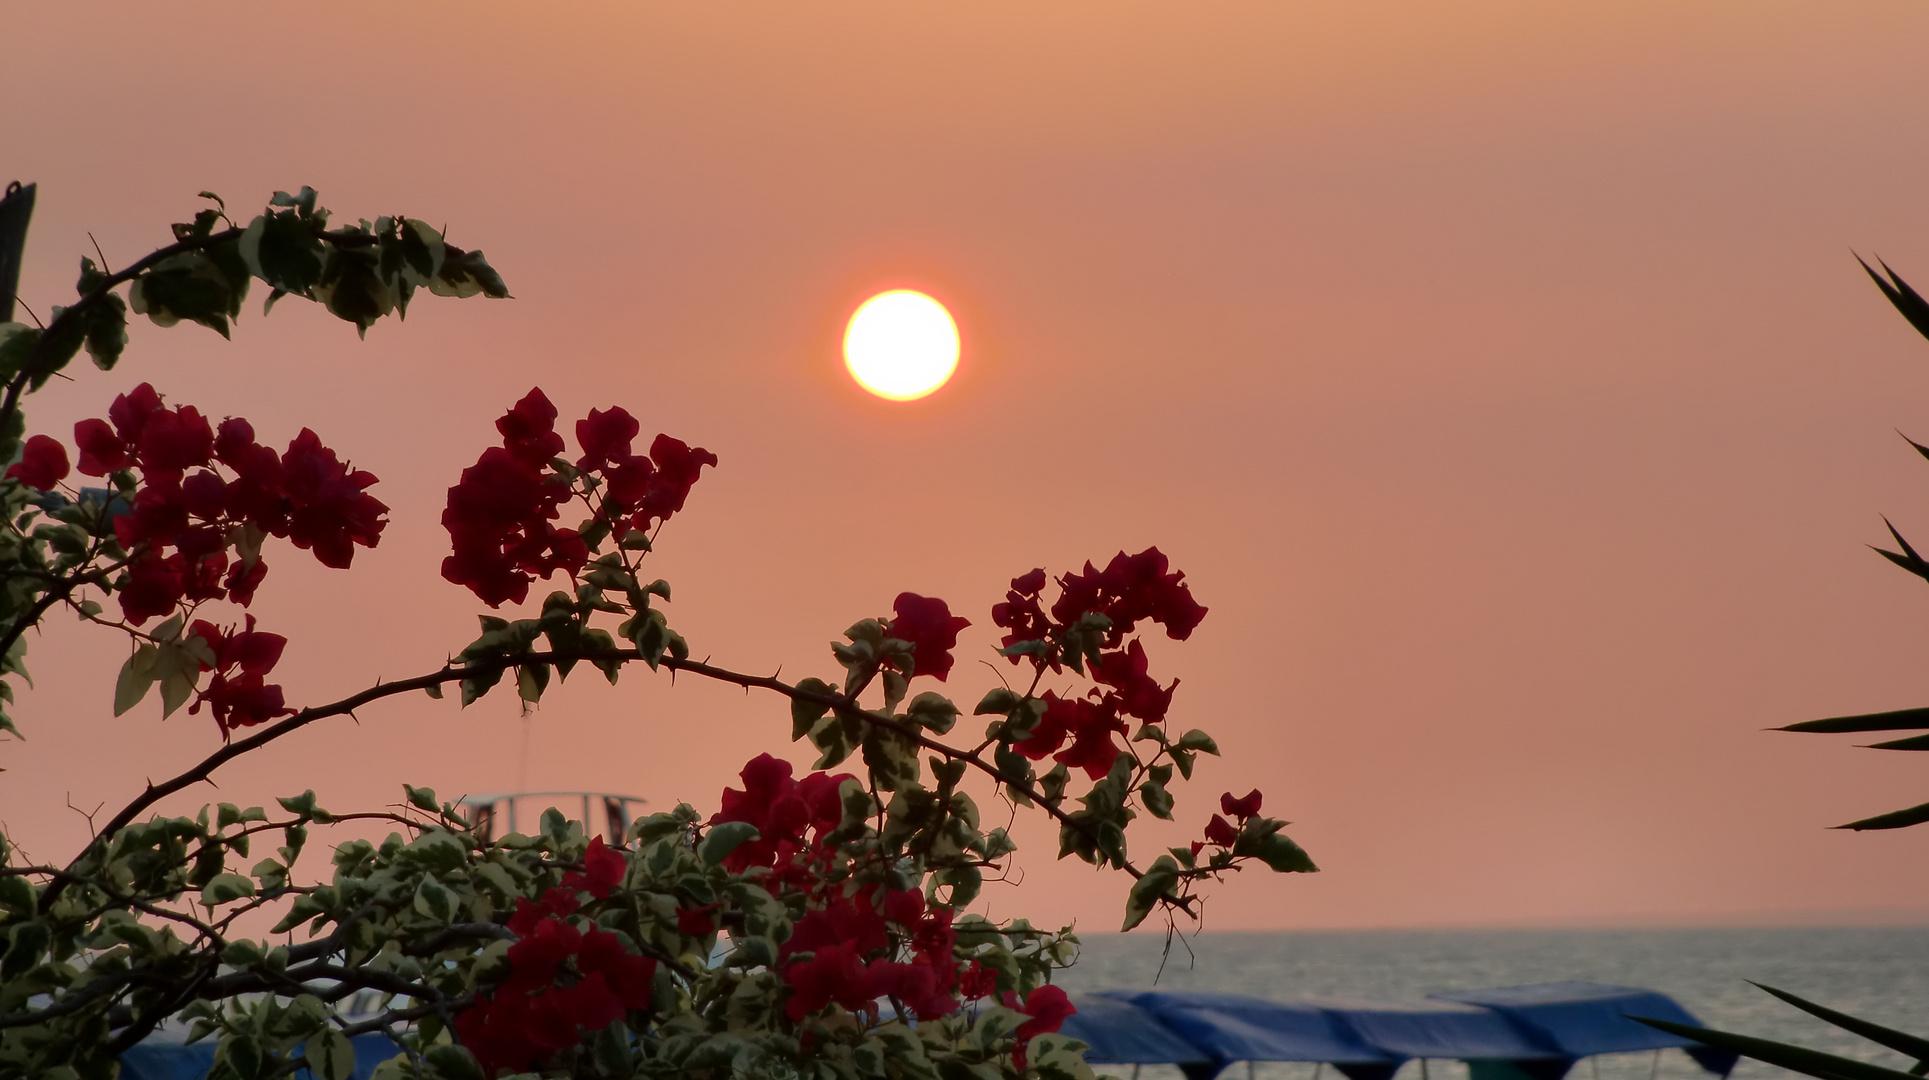 Sonnenuntergang auf Isla de Coche